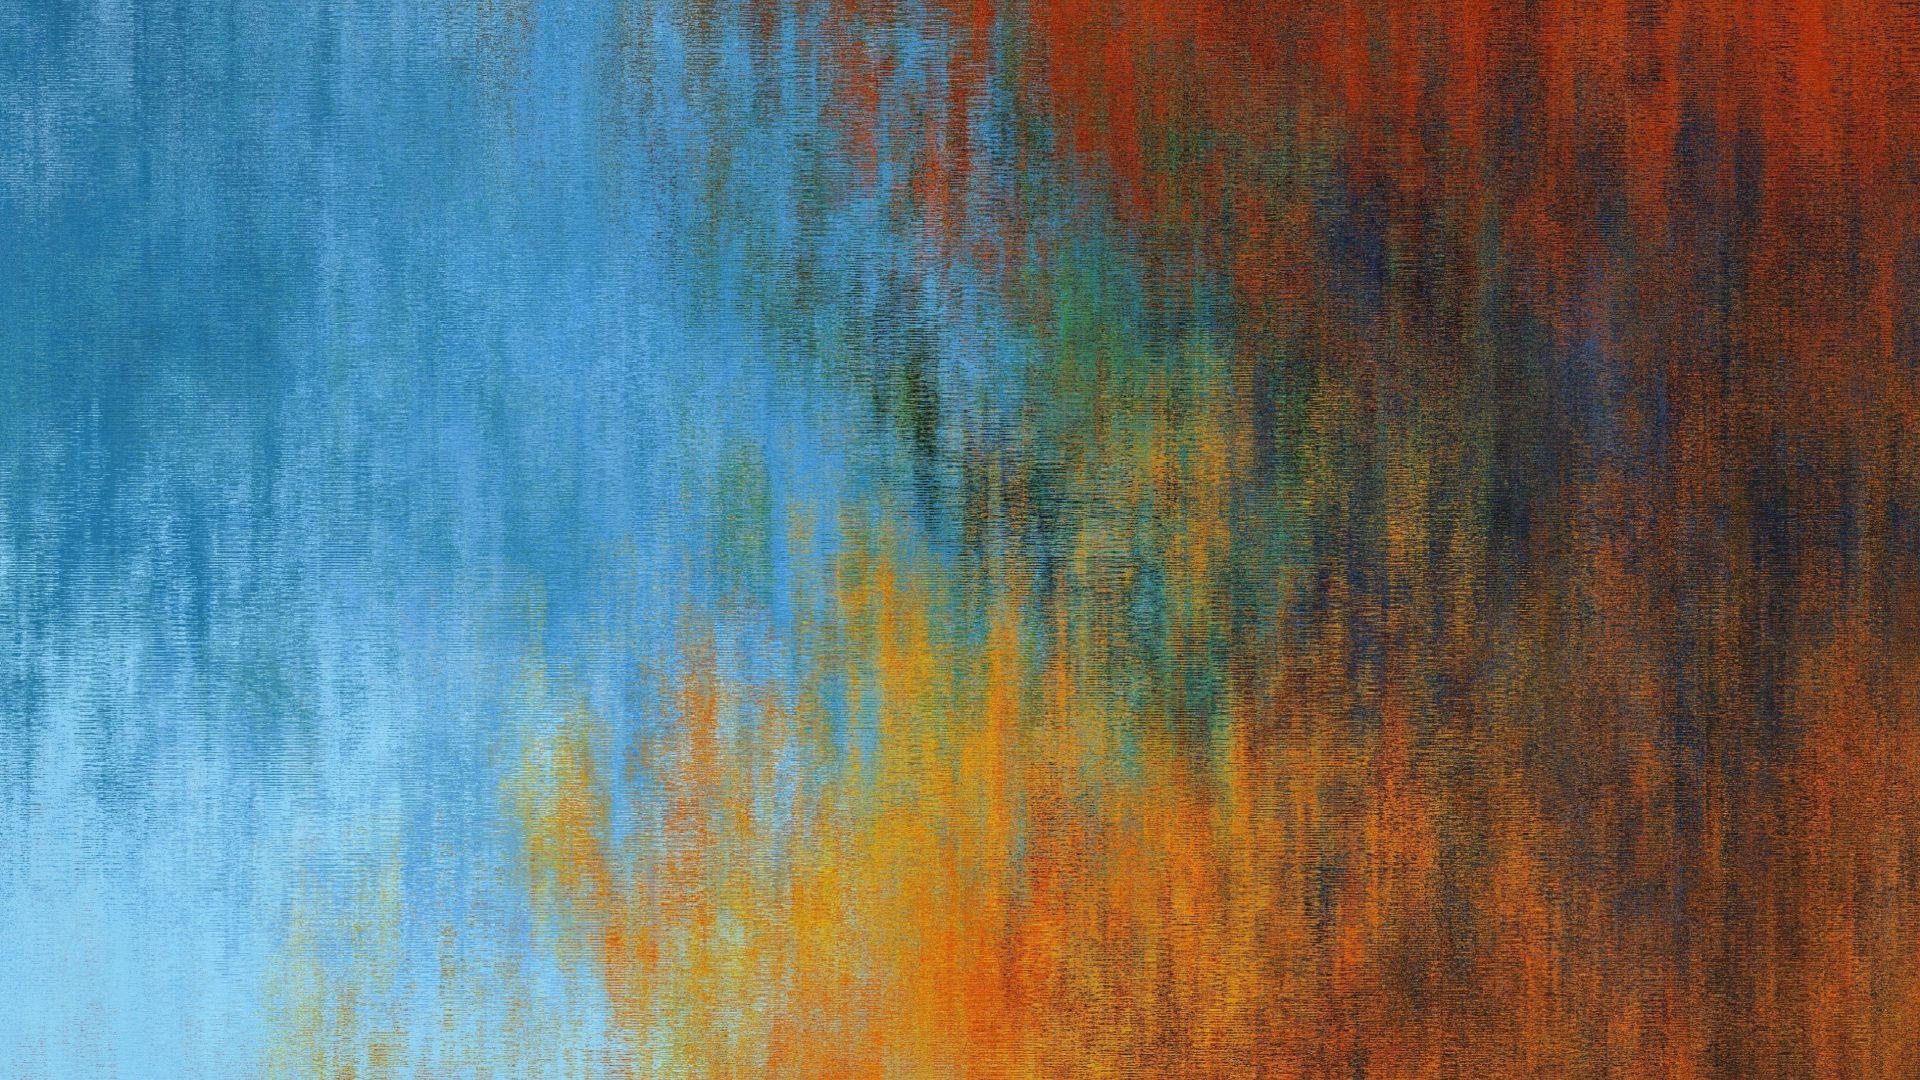 Girls Wallpaper 2048x1152 Desktop Wallpaper Abstract Colorful Texture 4k Hd